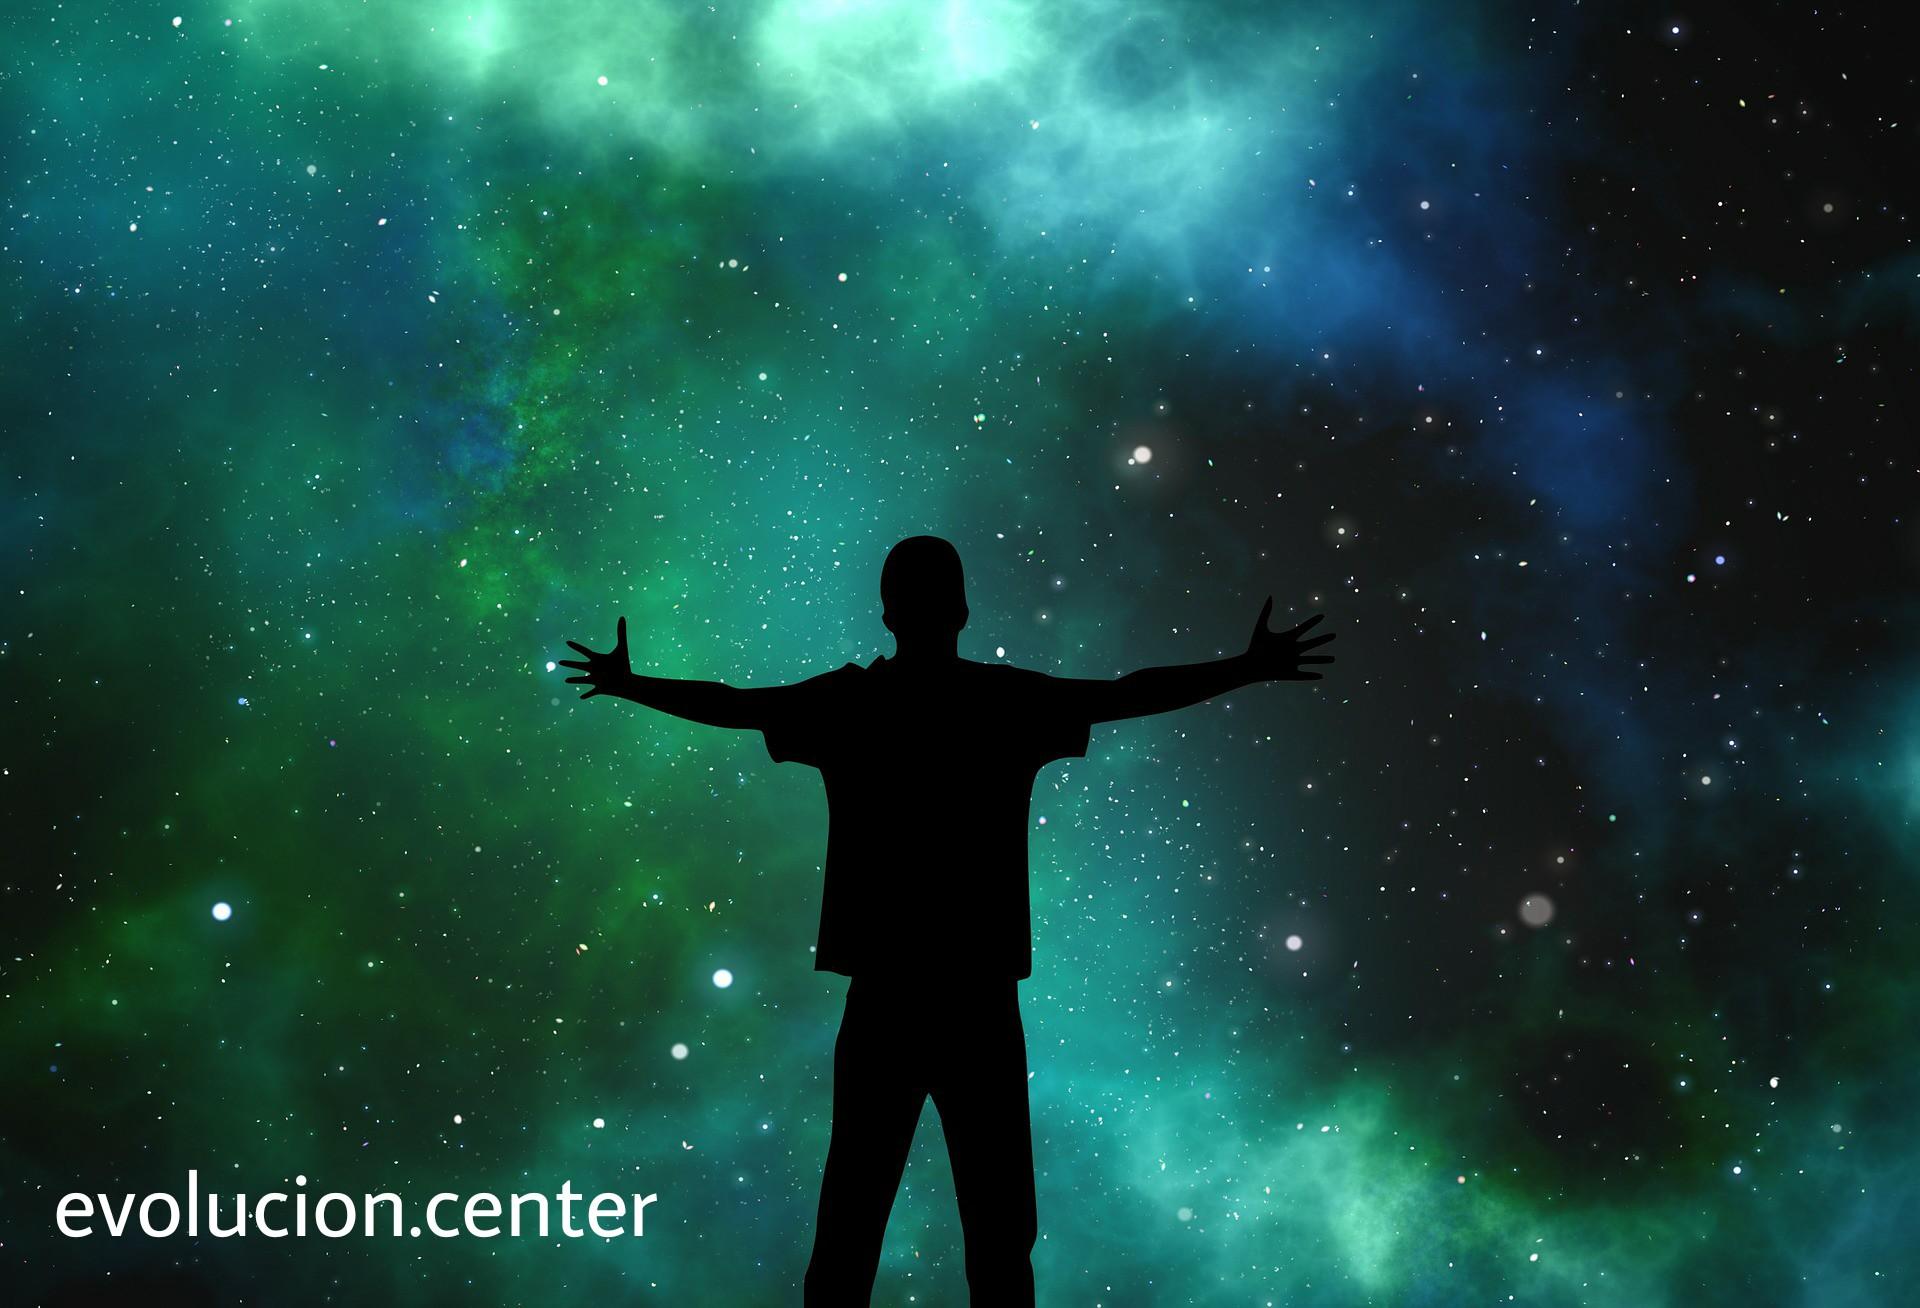 La unión del cielo y la tierra